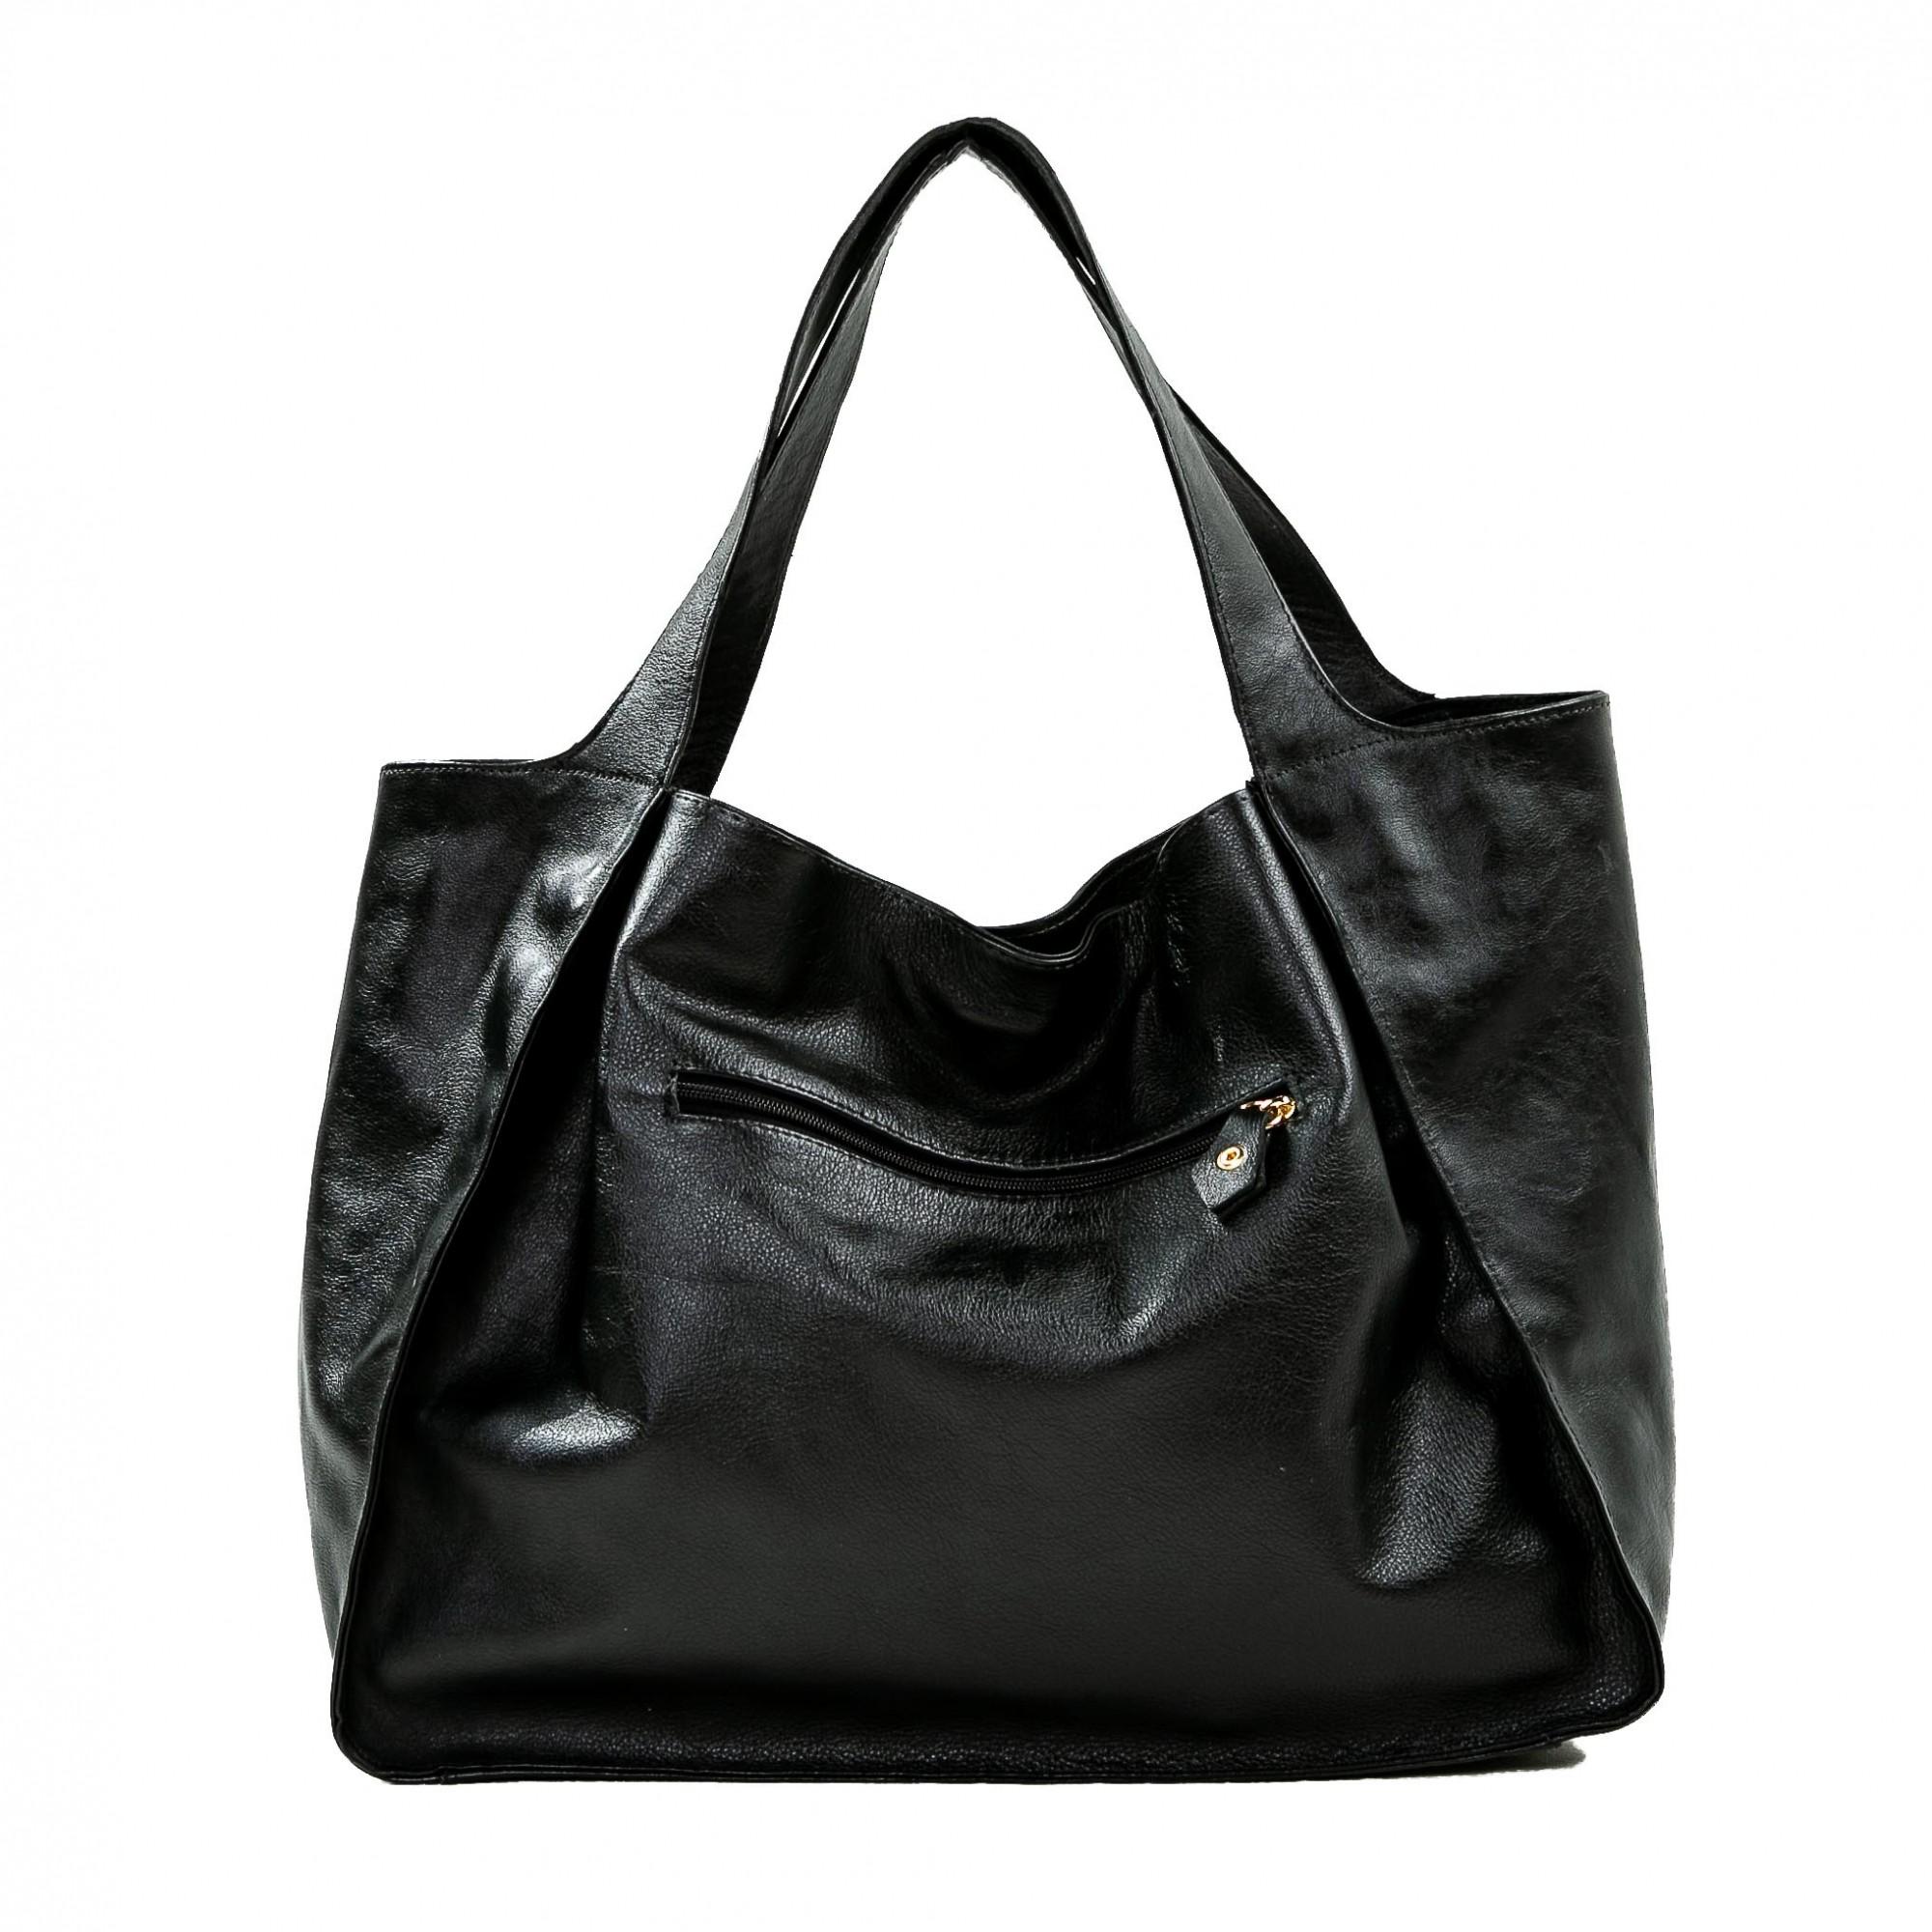 Bolsa sacola couro liso preta